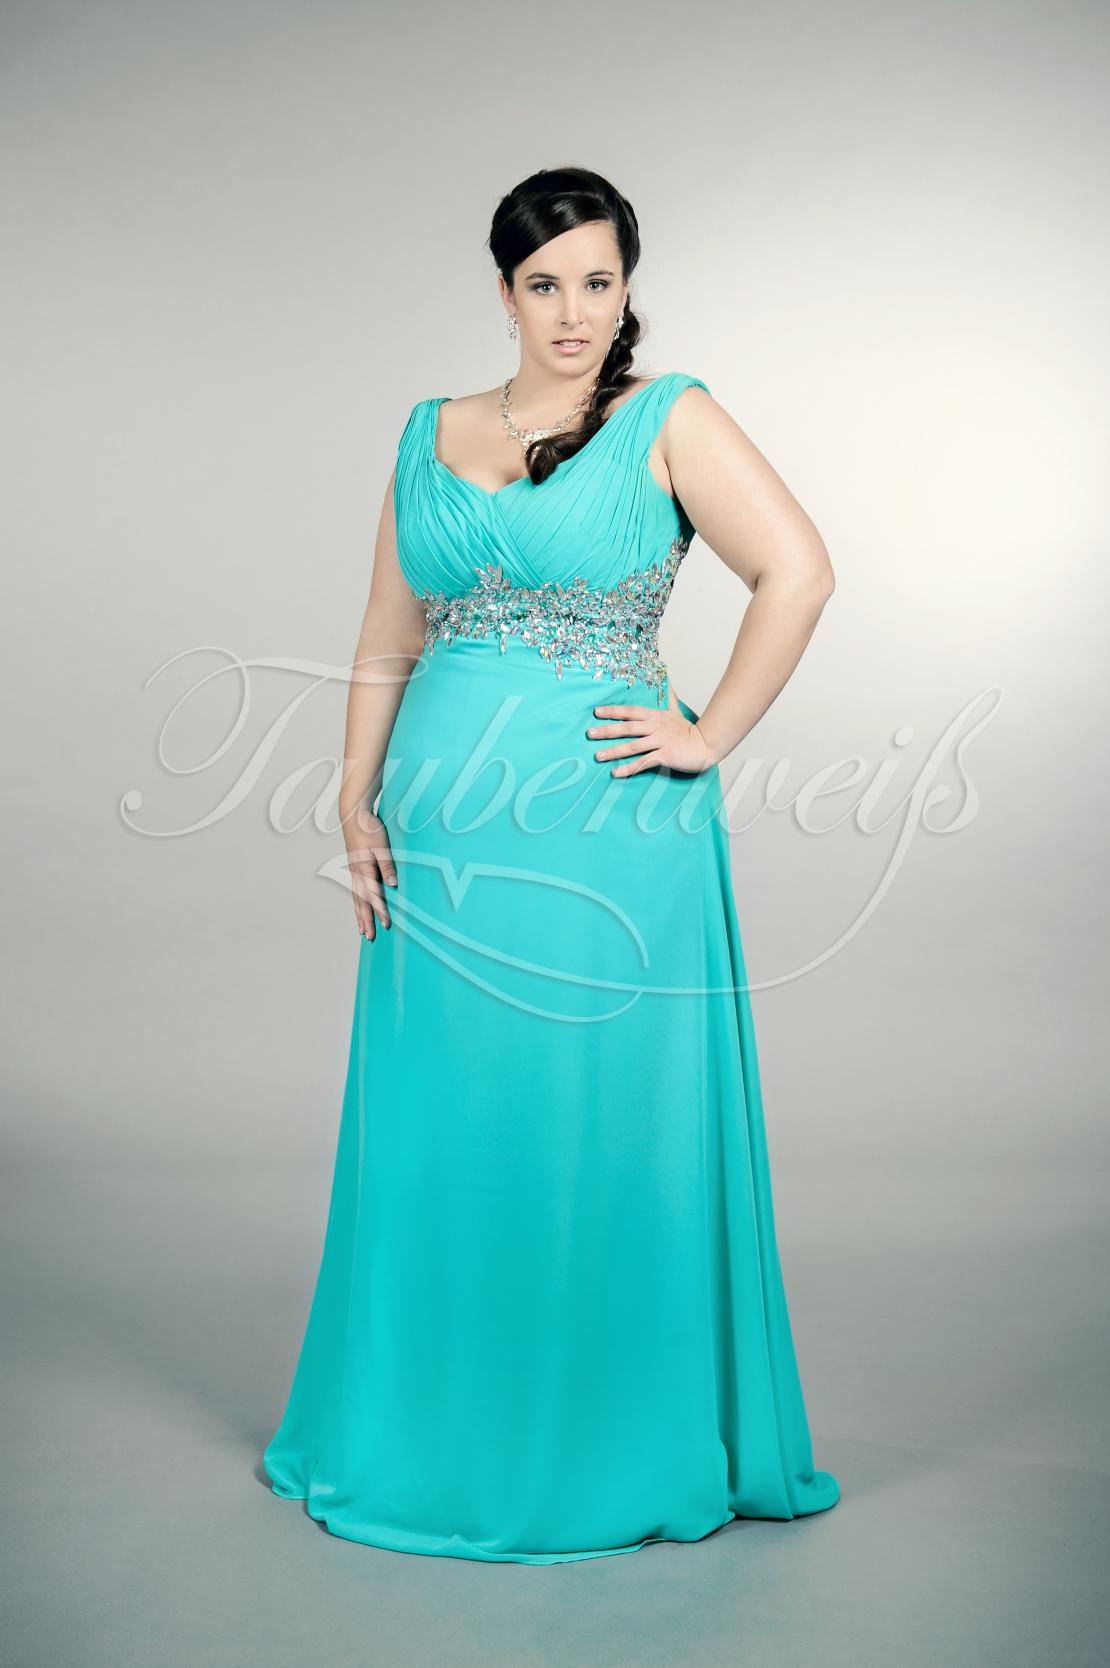 Abendkleid TW11A - Abendkleid Übergröße Plus XXL Große Größe Chiffon lang  aquamarin Strass